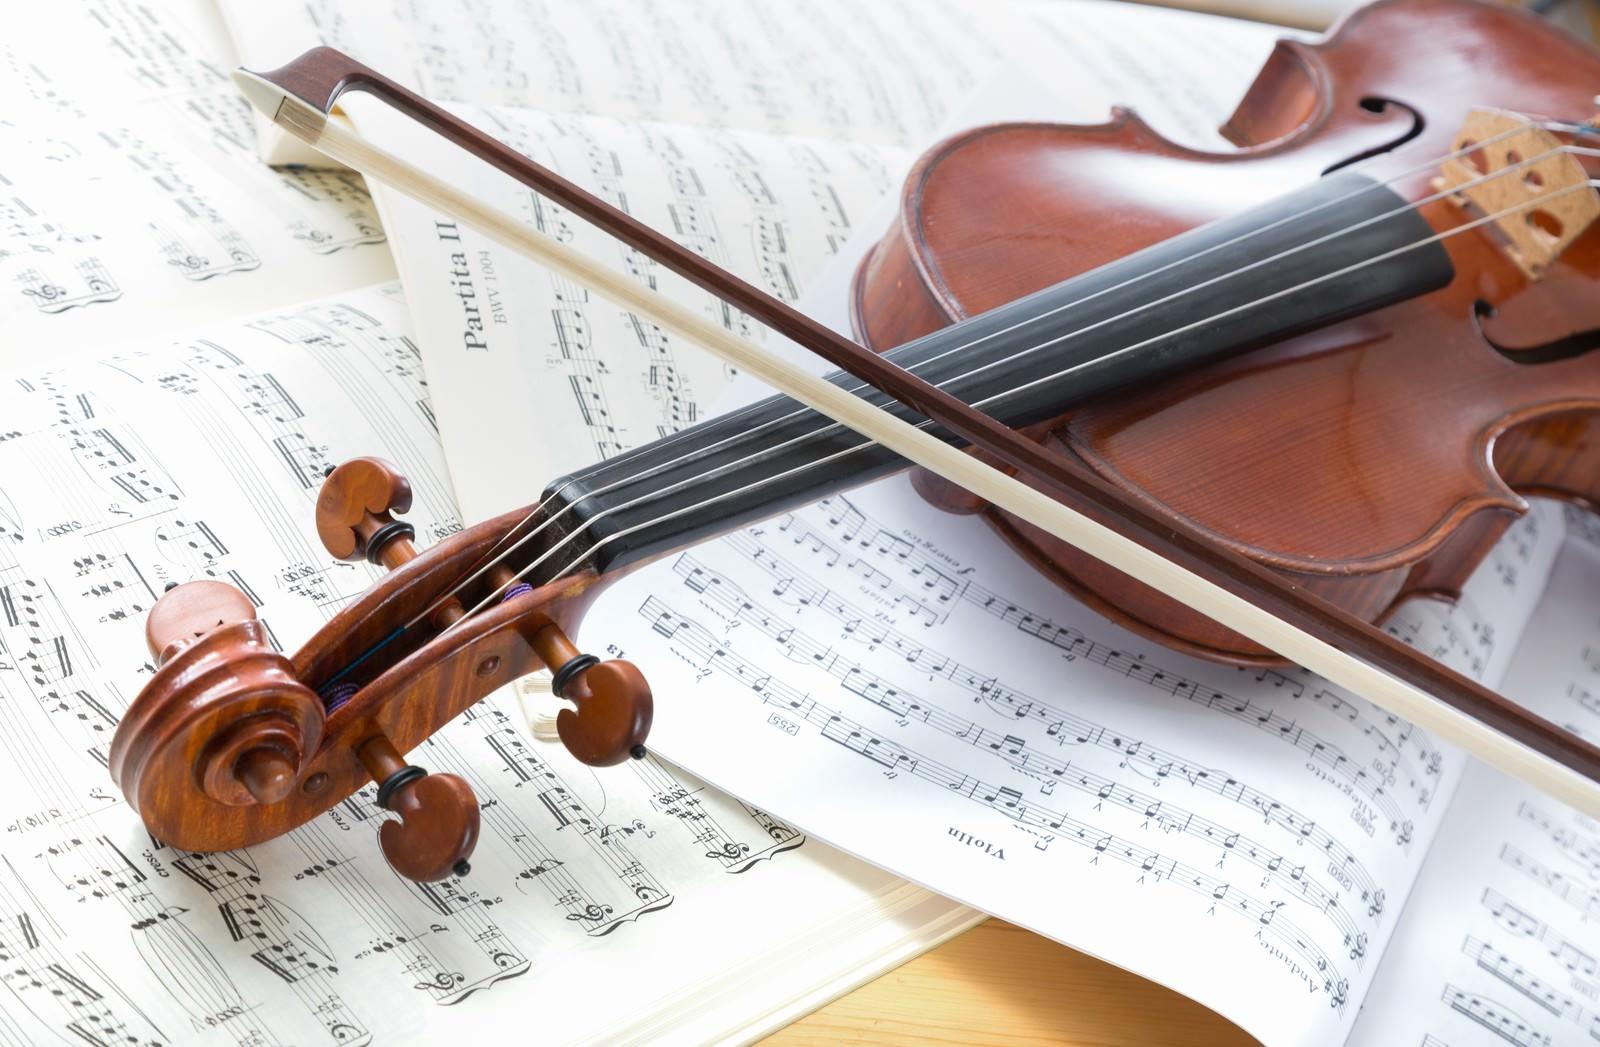 「楽譜の上に置かれたヴァイオリン | 写真の無料素材・フリー素材 - ぱくたそ」の写真